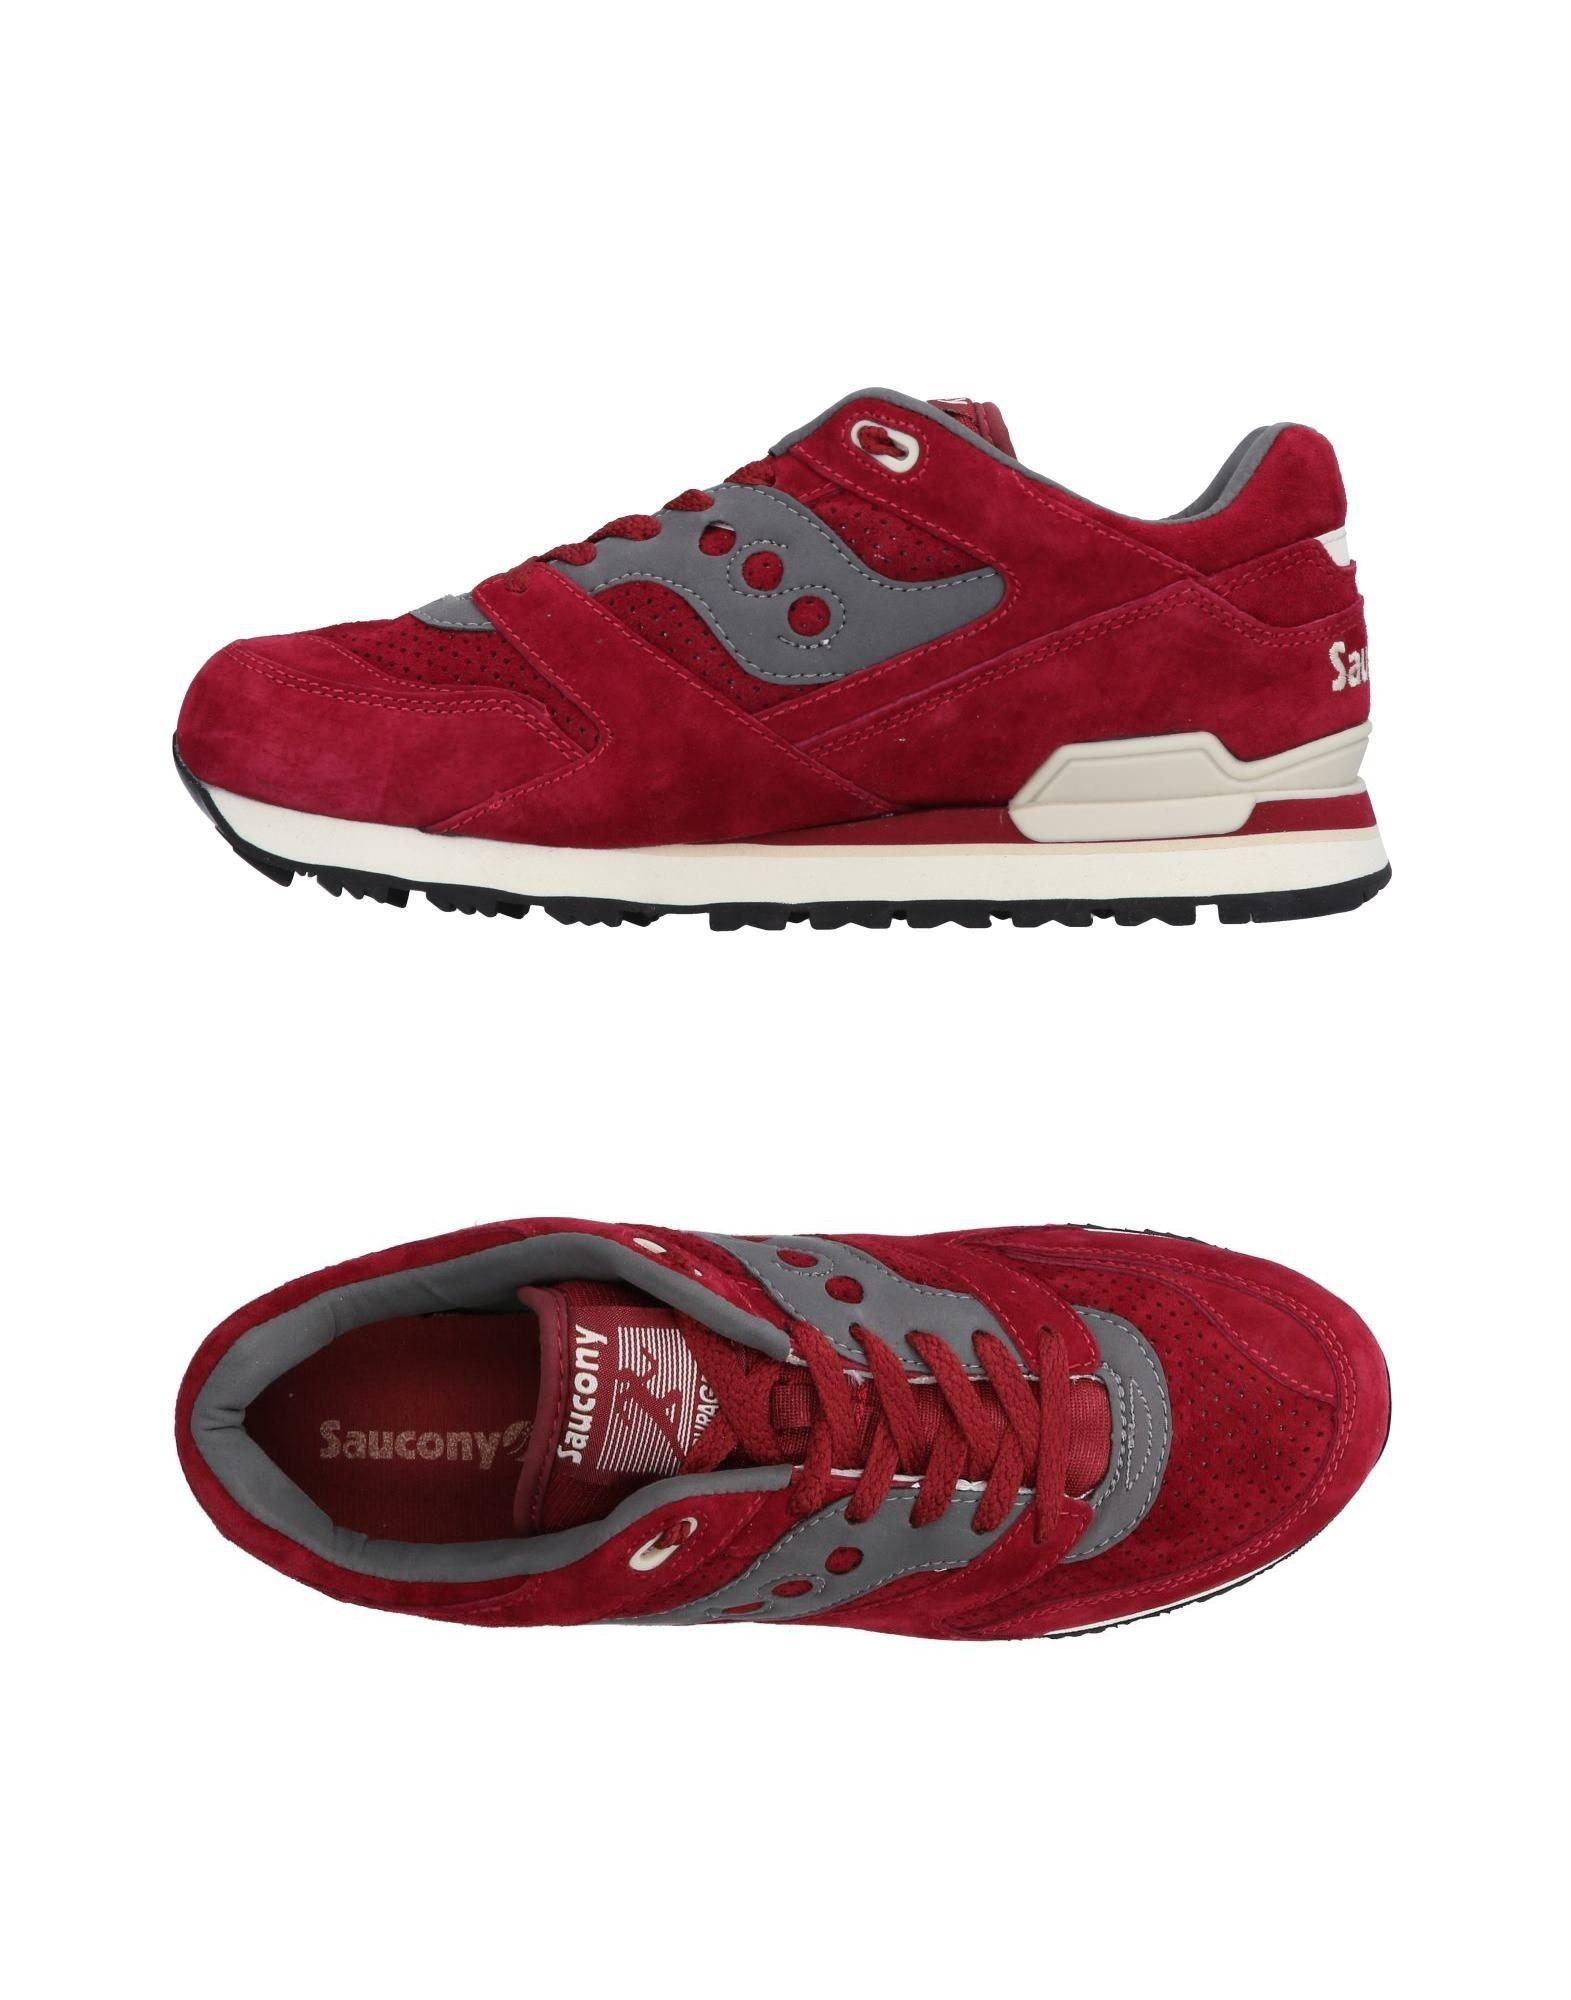 Rabatt echte Schuhe Saucony Sneakers Herren  11391211RA